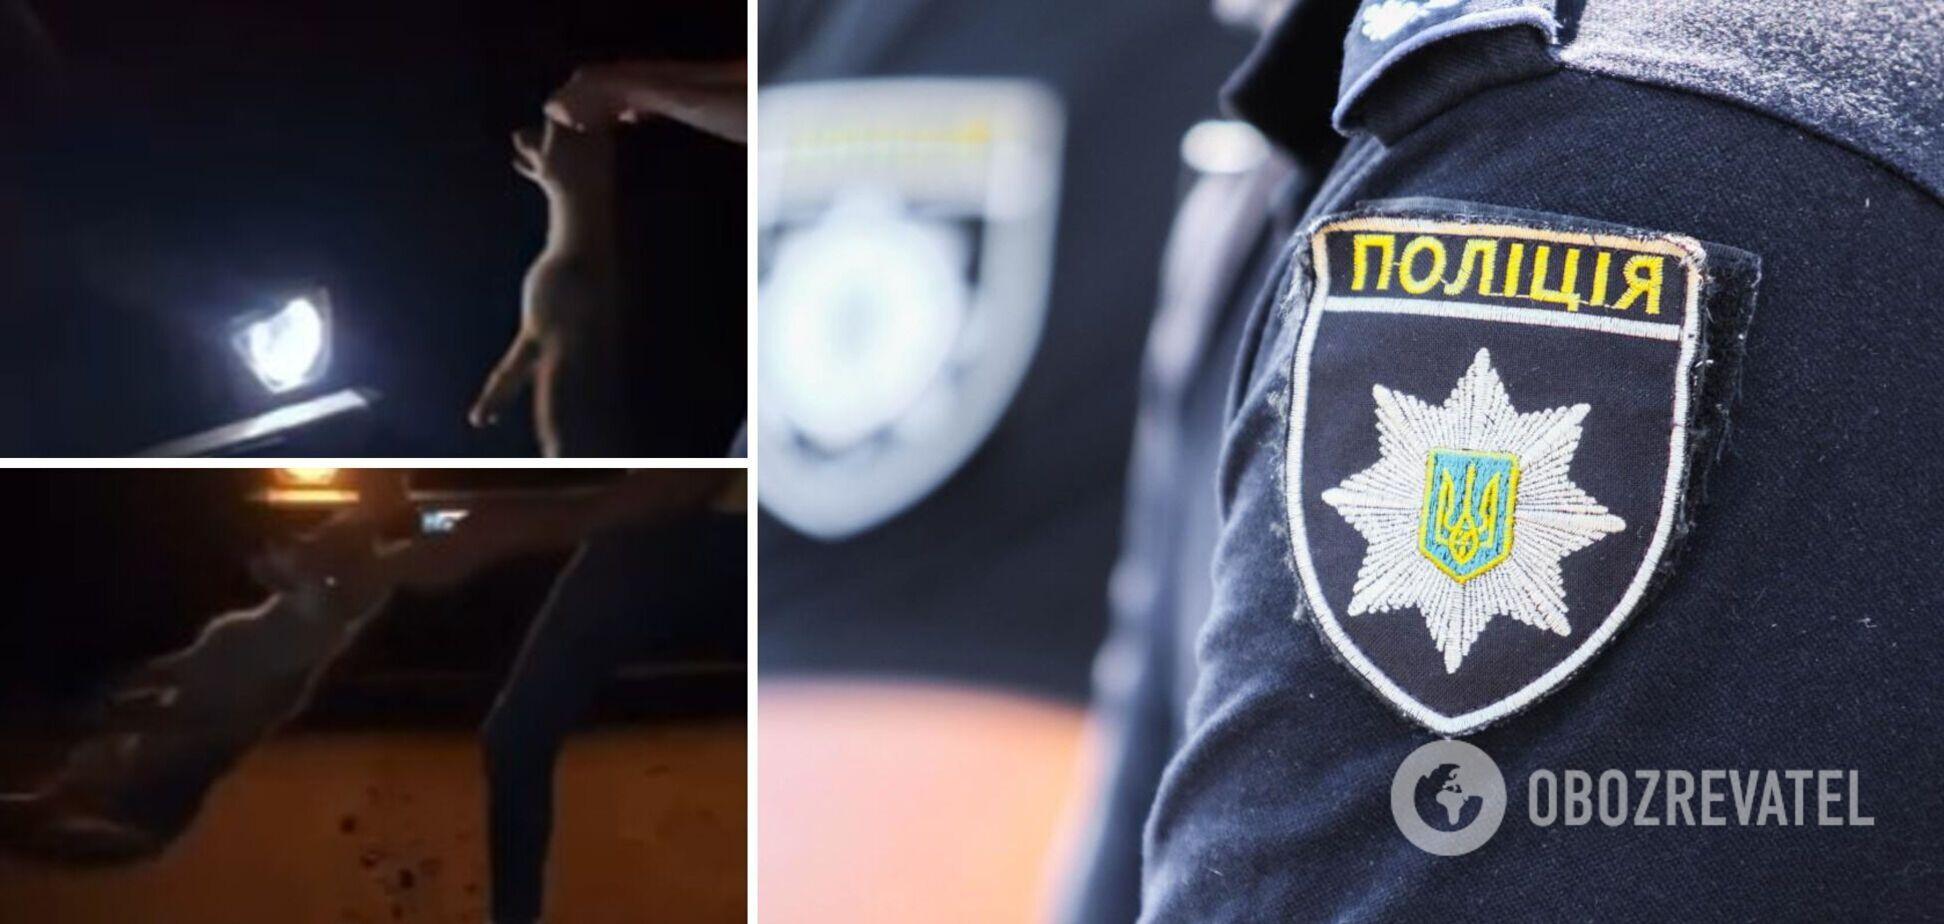 На Буковині компанія молоді познущалася з лисеняти, у поліції відреагували. Фото